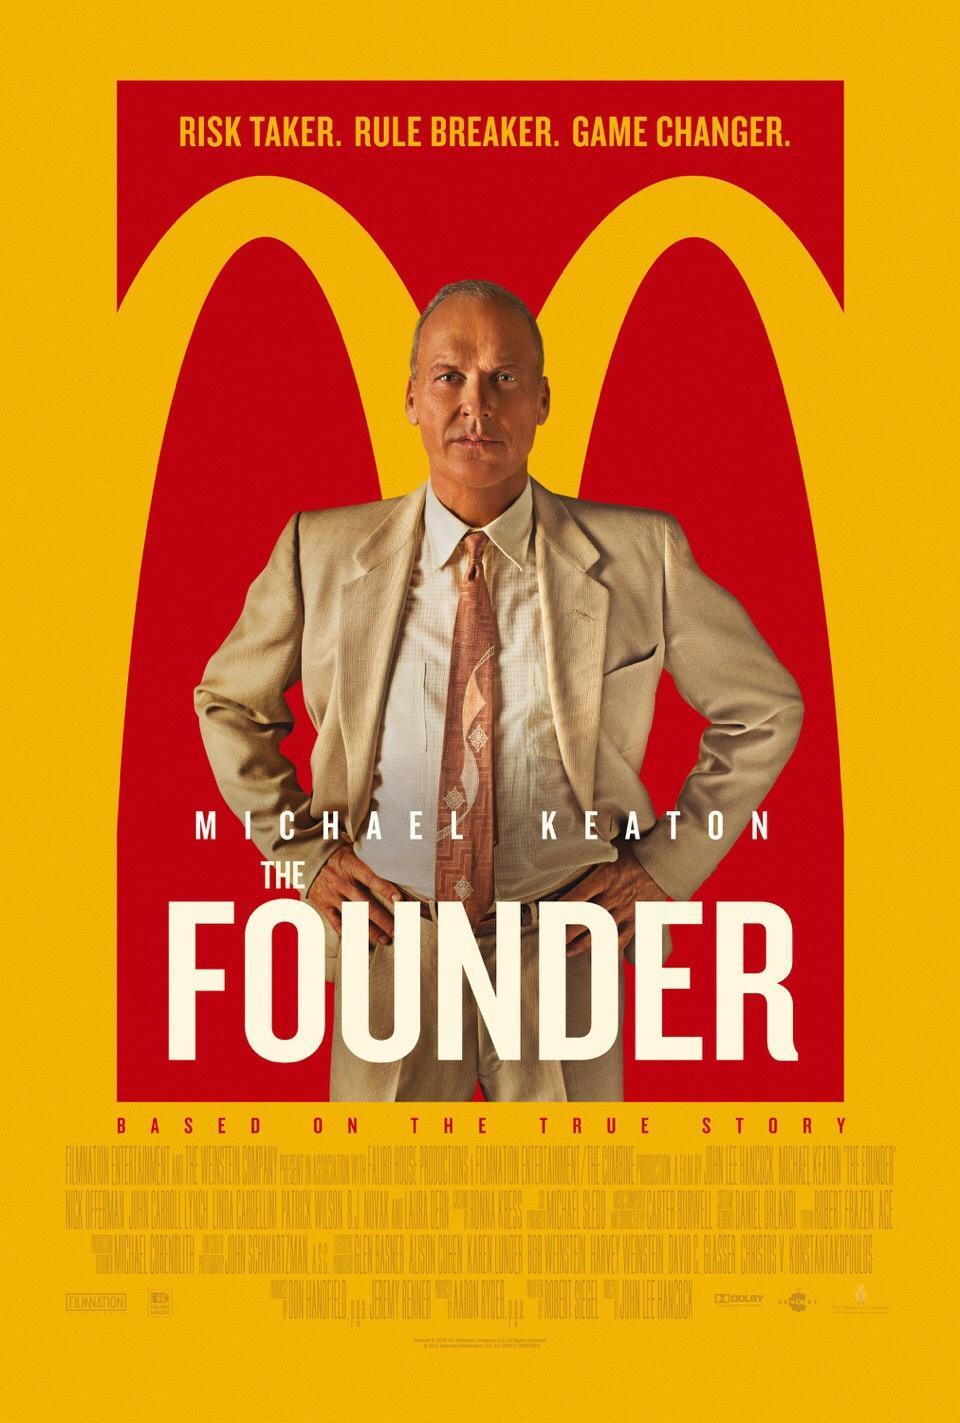 接地气的不是金拱门,而是麦当劳-坚果极客